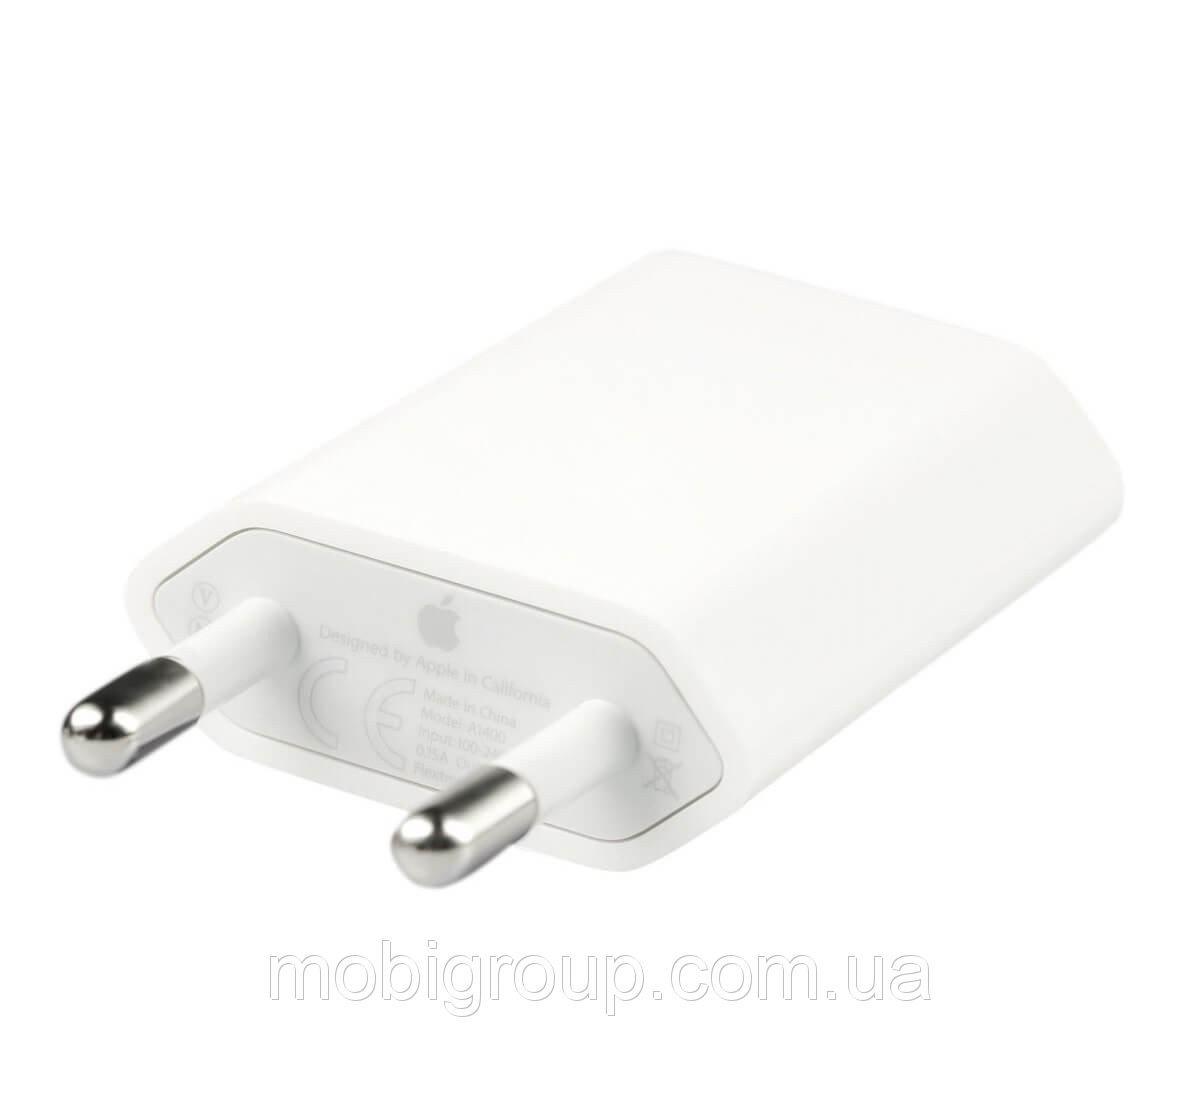 Оригинальный сетевой адаптер USB - блок питания 1A для IPhone/iPod/iPad Mini